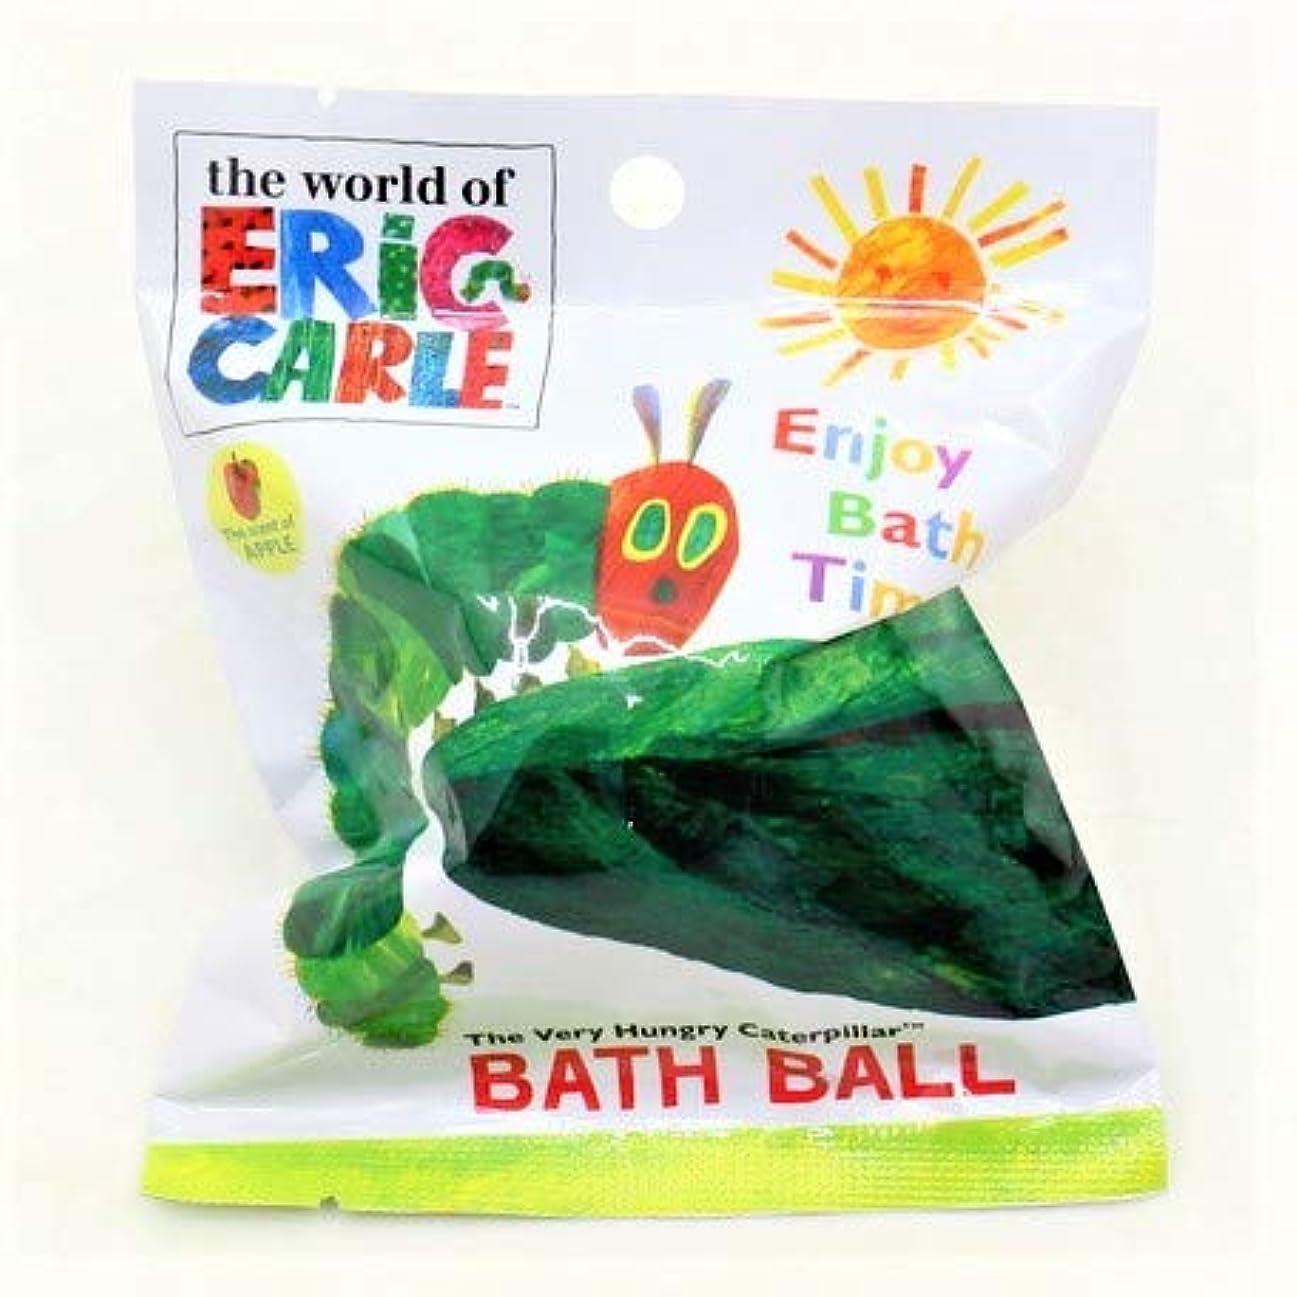 ディーラー熱狂的な環境保護主義者はらぺこあおむし バスボール 入浴剤 りんごの香り 6個入1セット